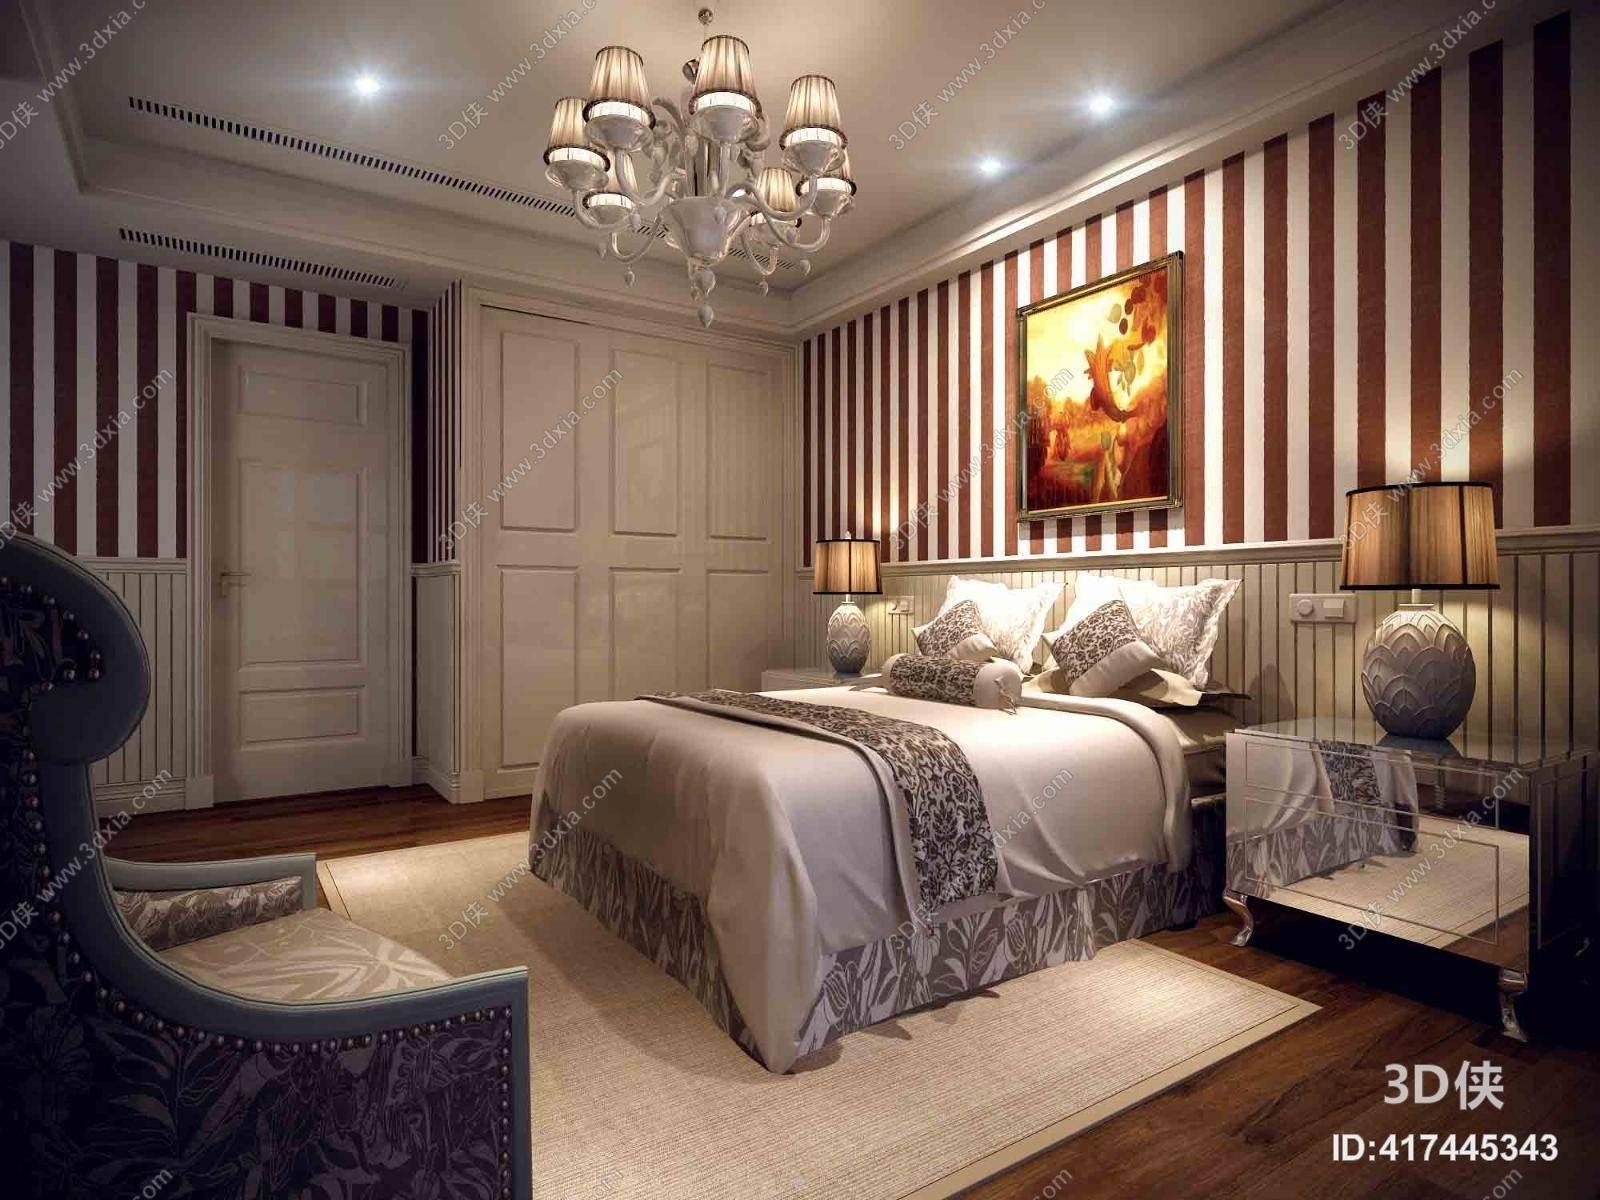 欧式简约家居主卧室 欧式简约玻璃吊灯 欧式简约银色木艺床头柜 欧式